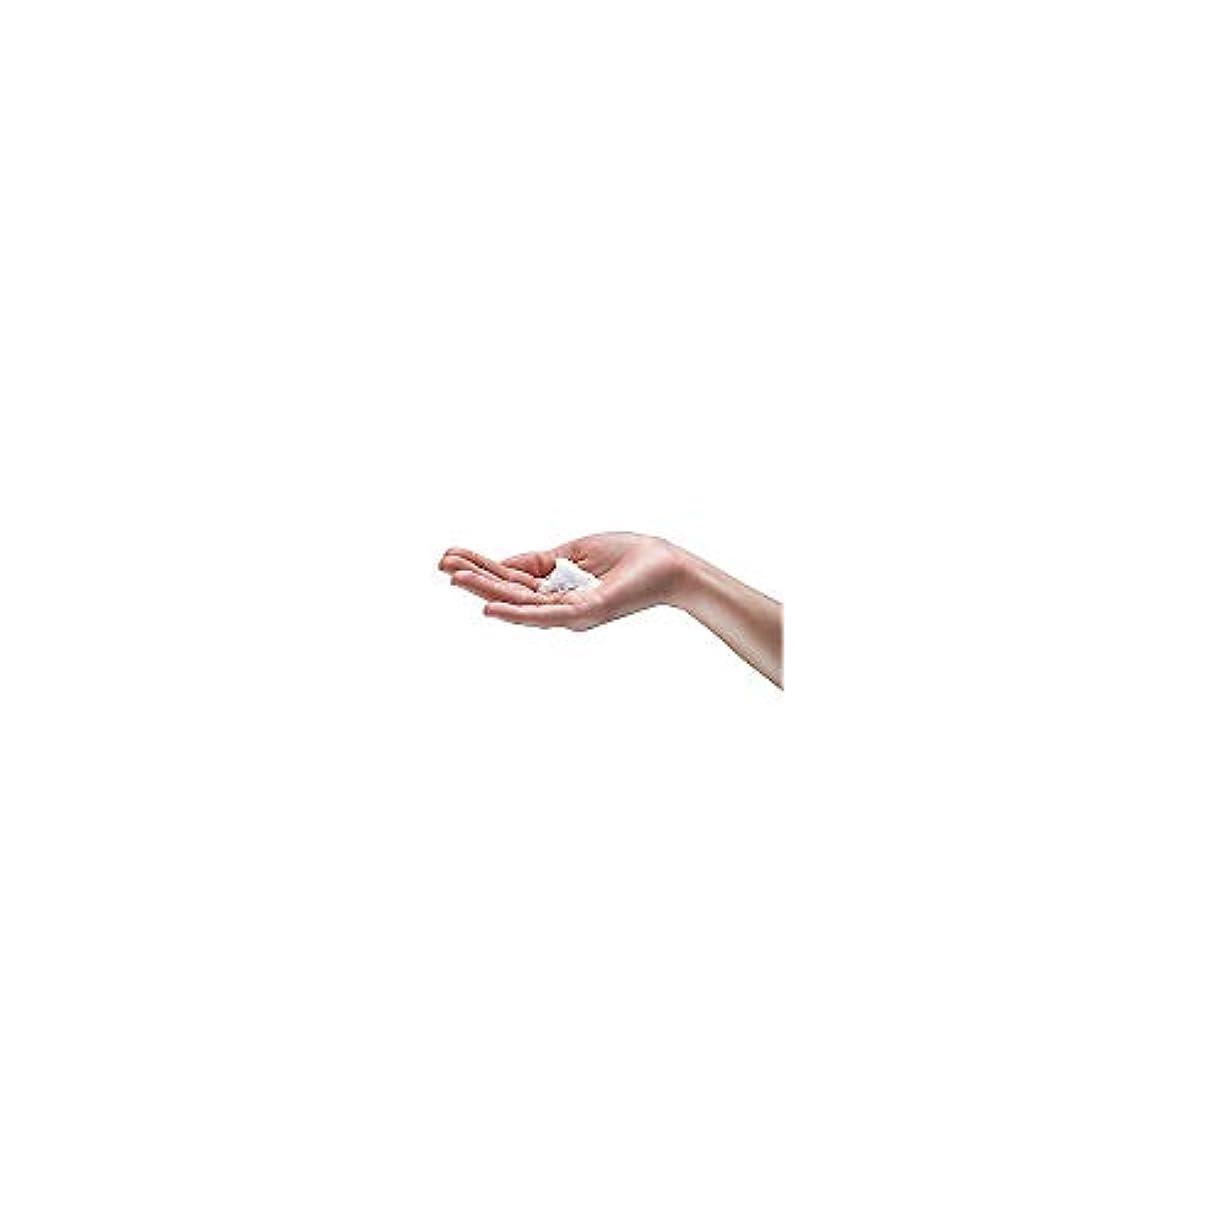 モットーフェリーマオリgoj516503ct – GOJOグリーン認定Foam Soap fmx-12 Refill